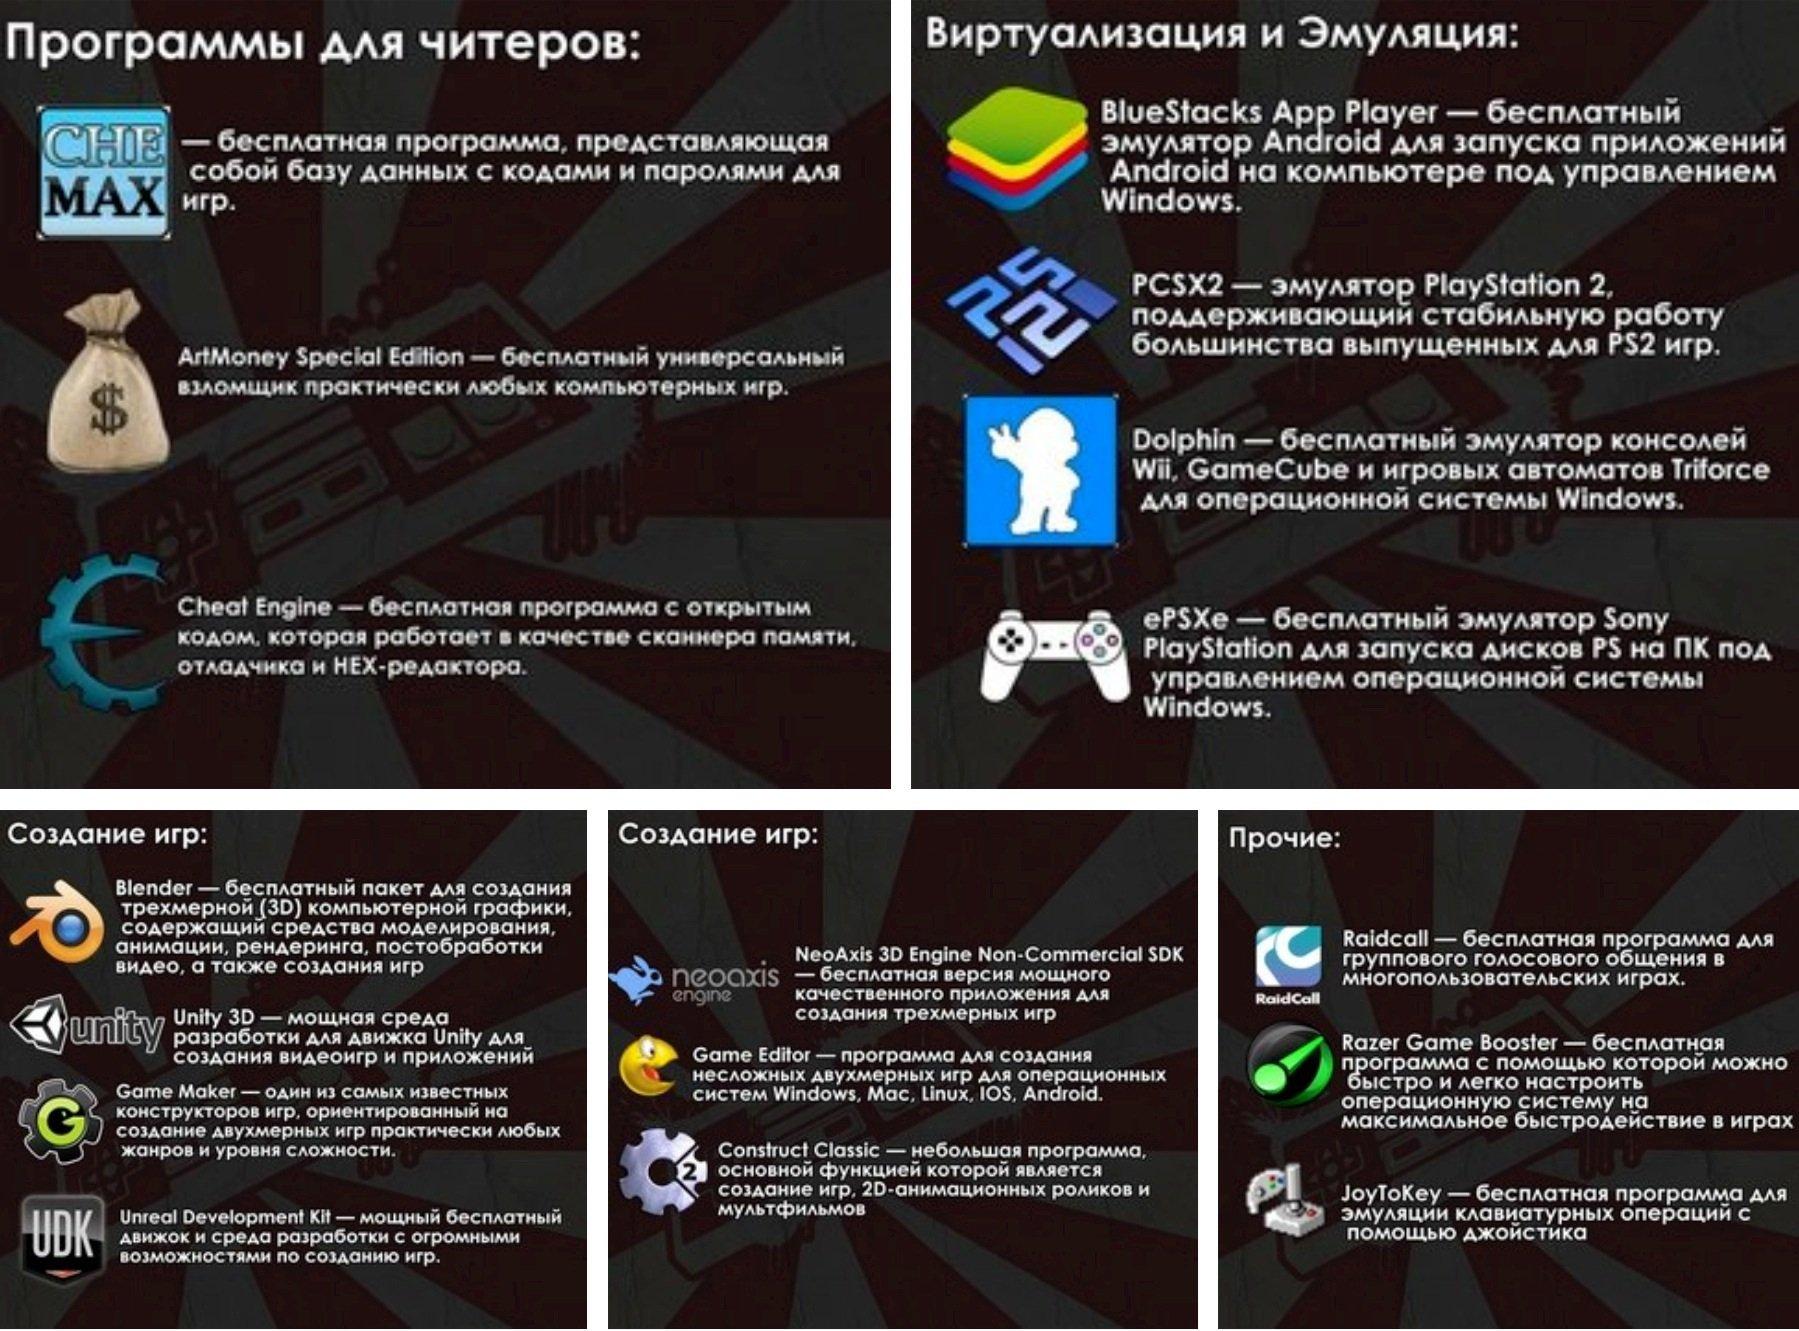 Бесплатные программки для творчества в играх. - Изображение 1